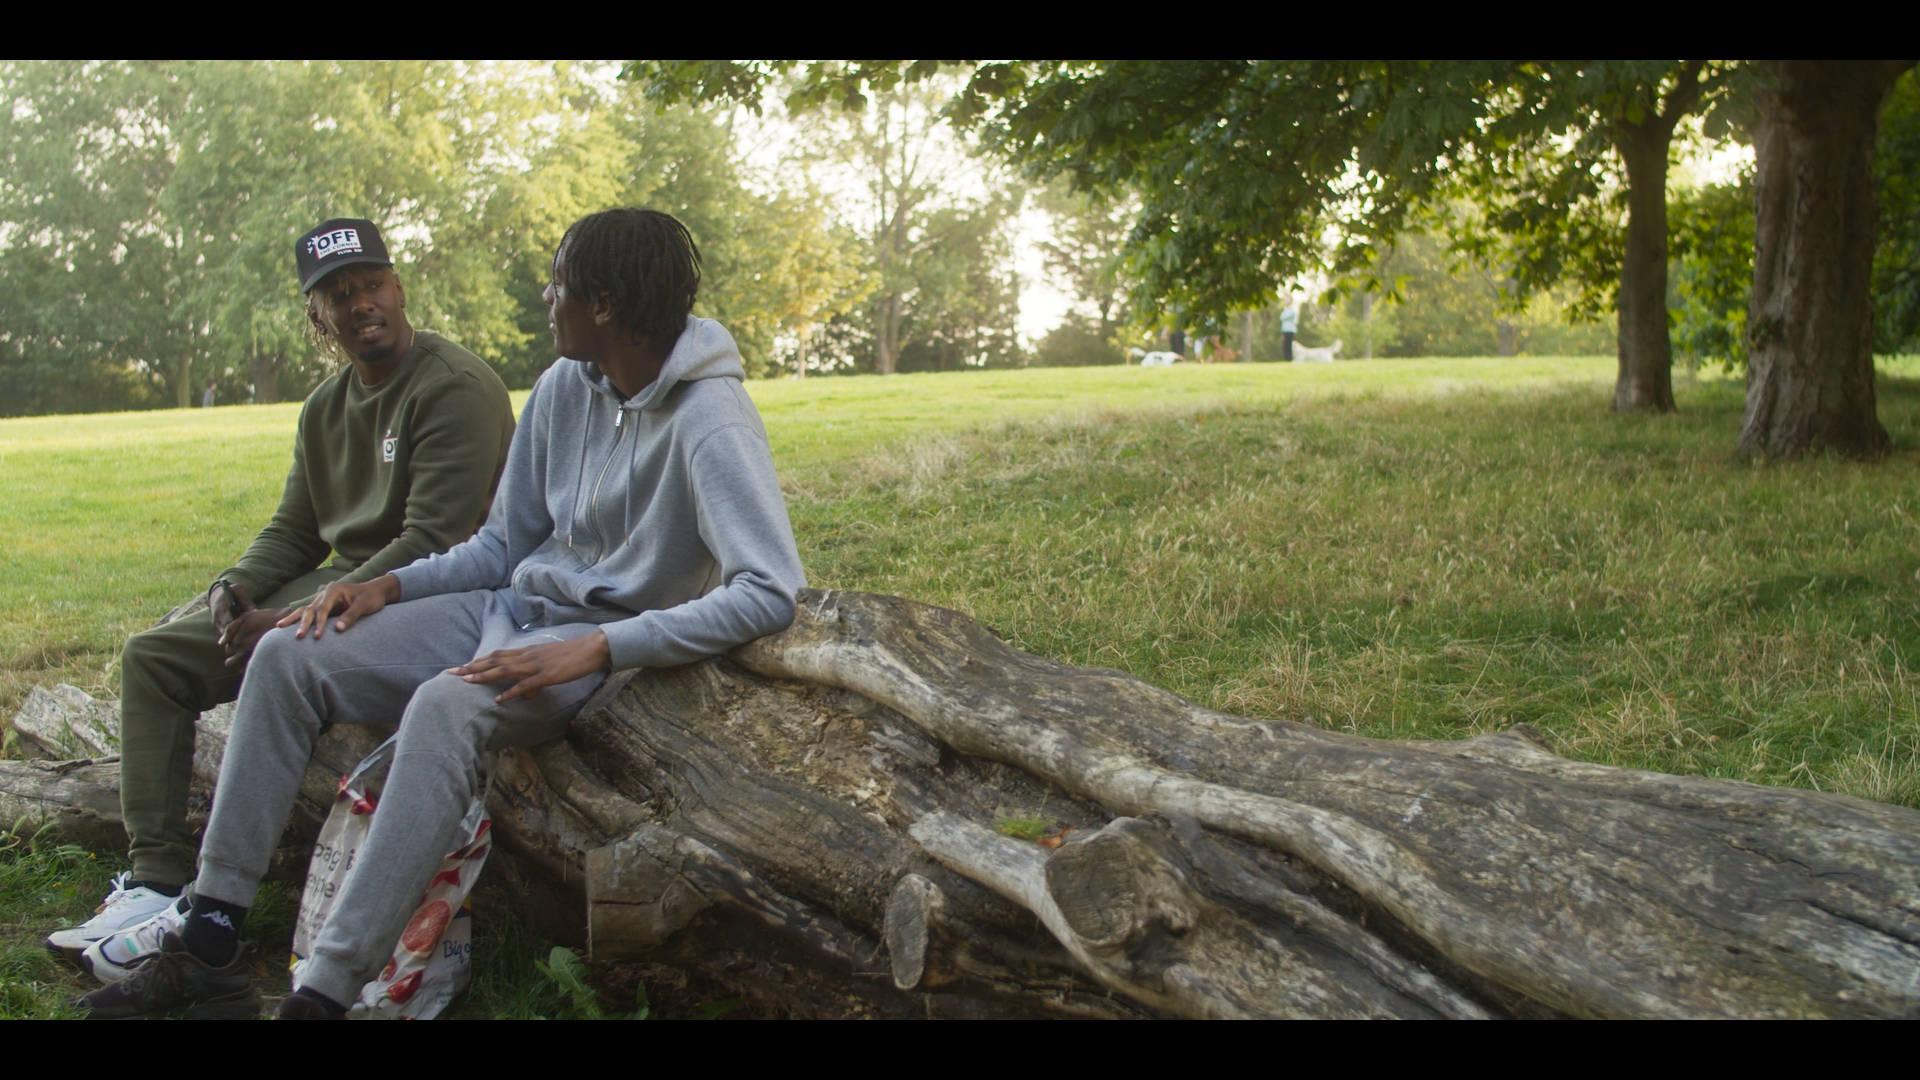 Still from short film Brother's Keeper